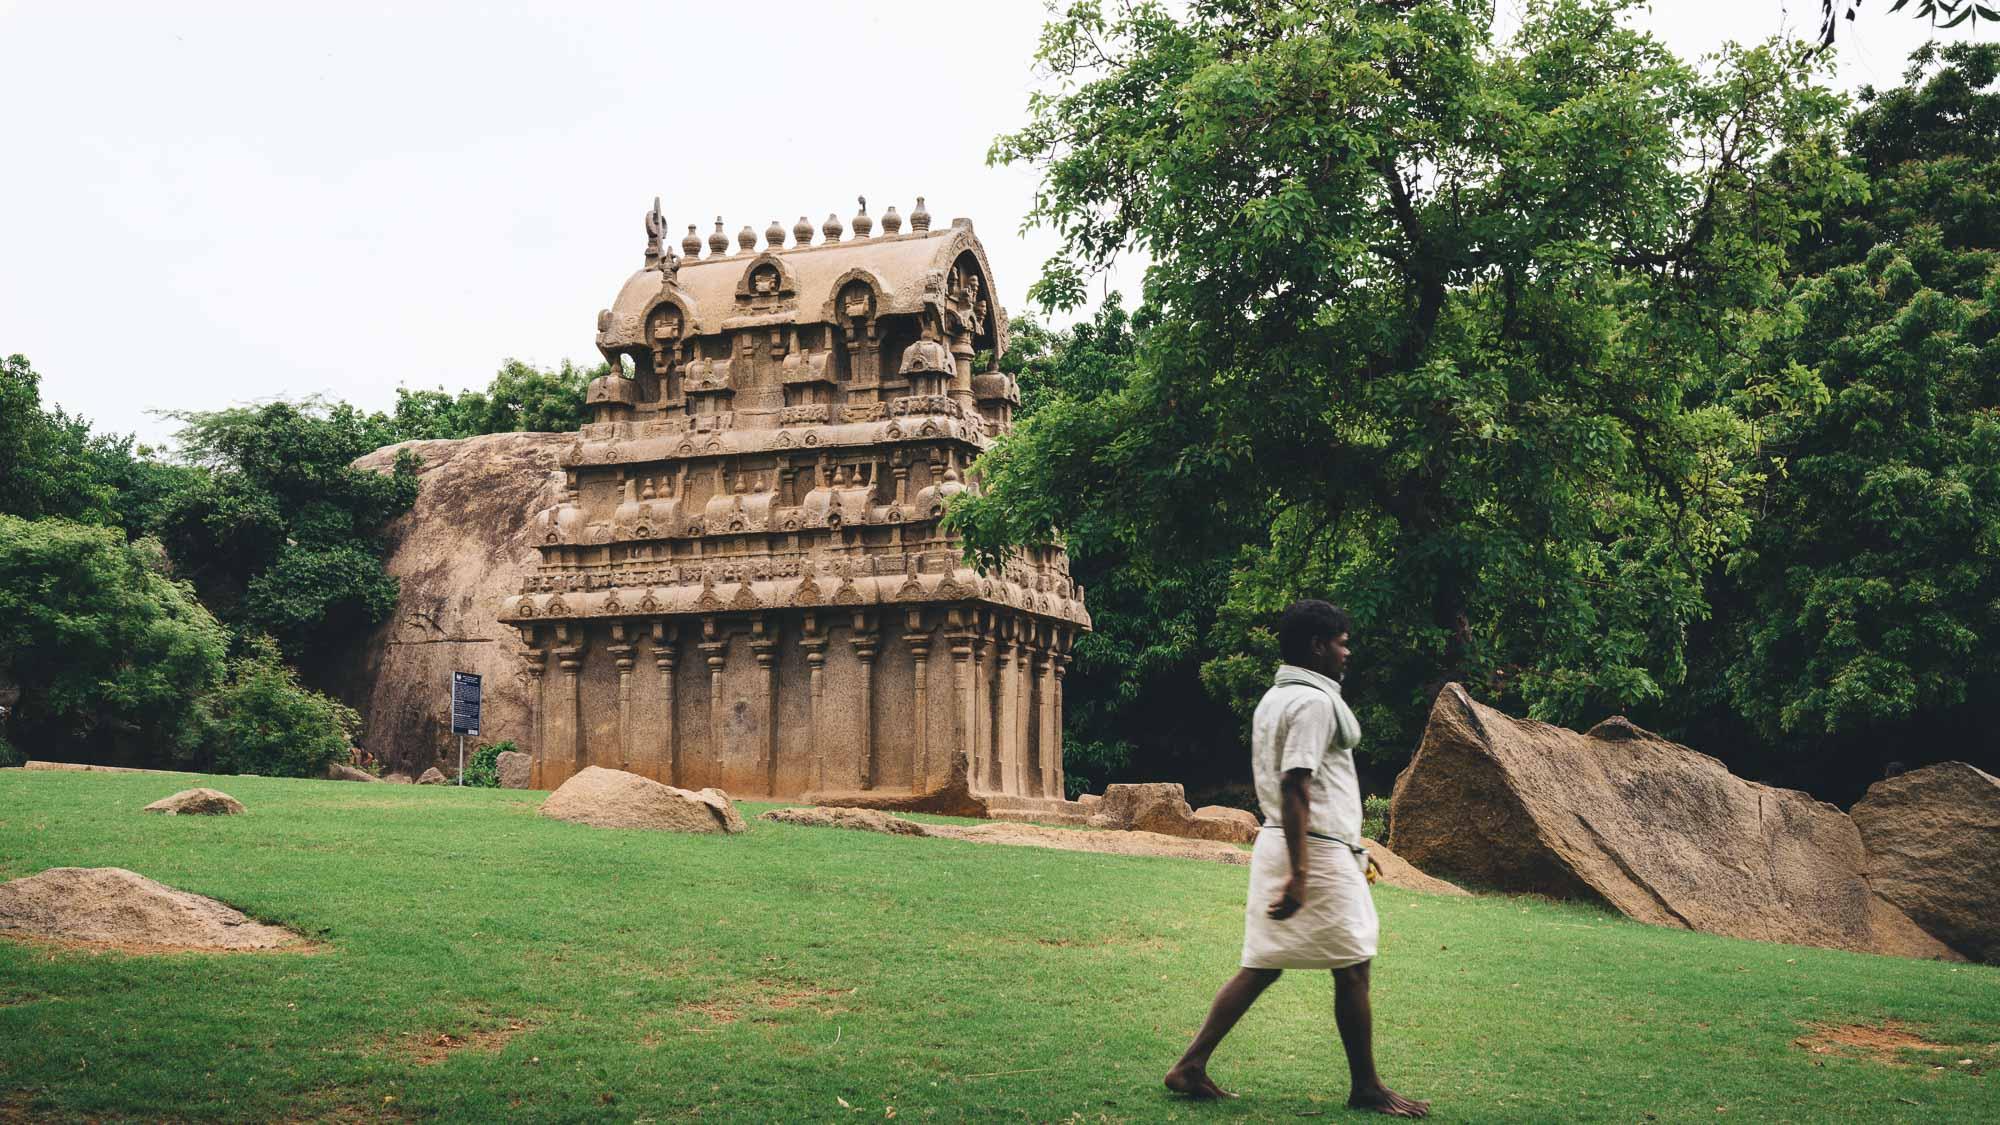 160625-chennai-mahabalipuram-trip-125405.jpg